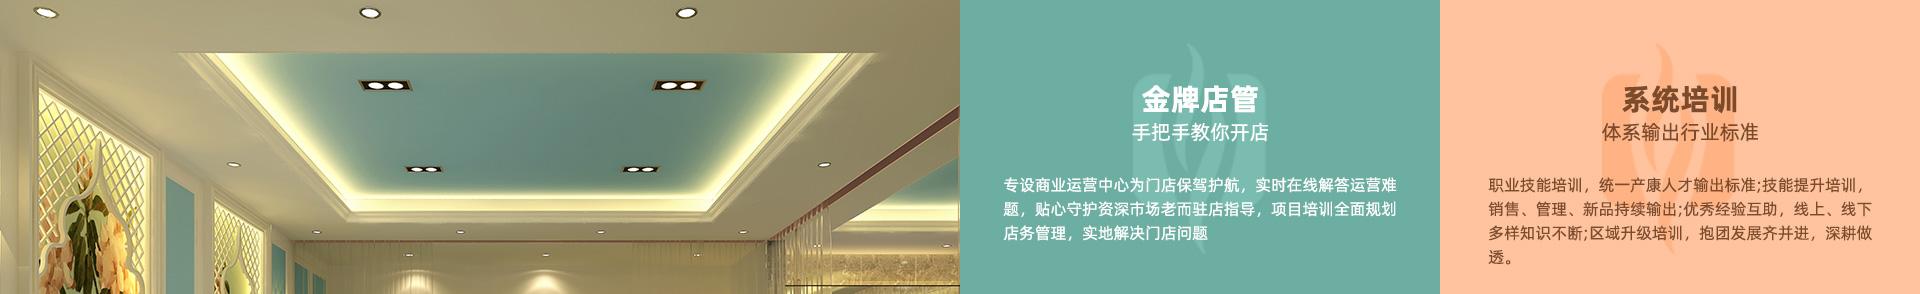 蘭馨美孕产后复龄中心详情页_16